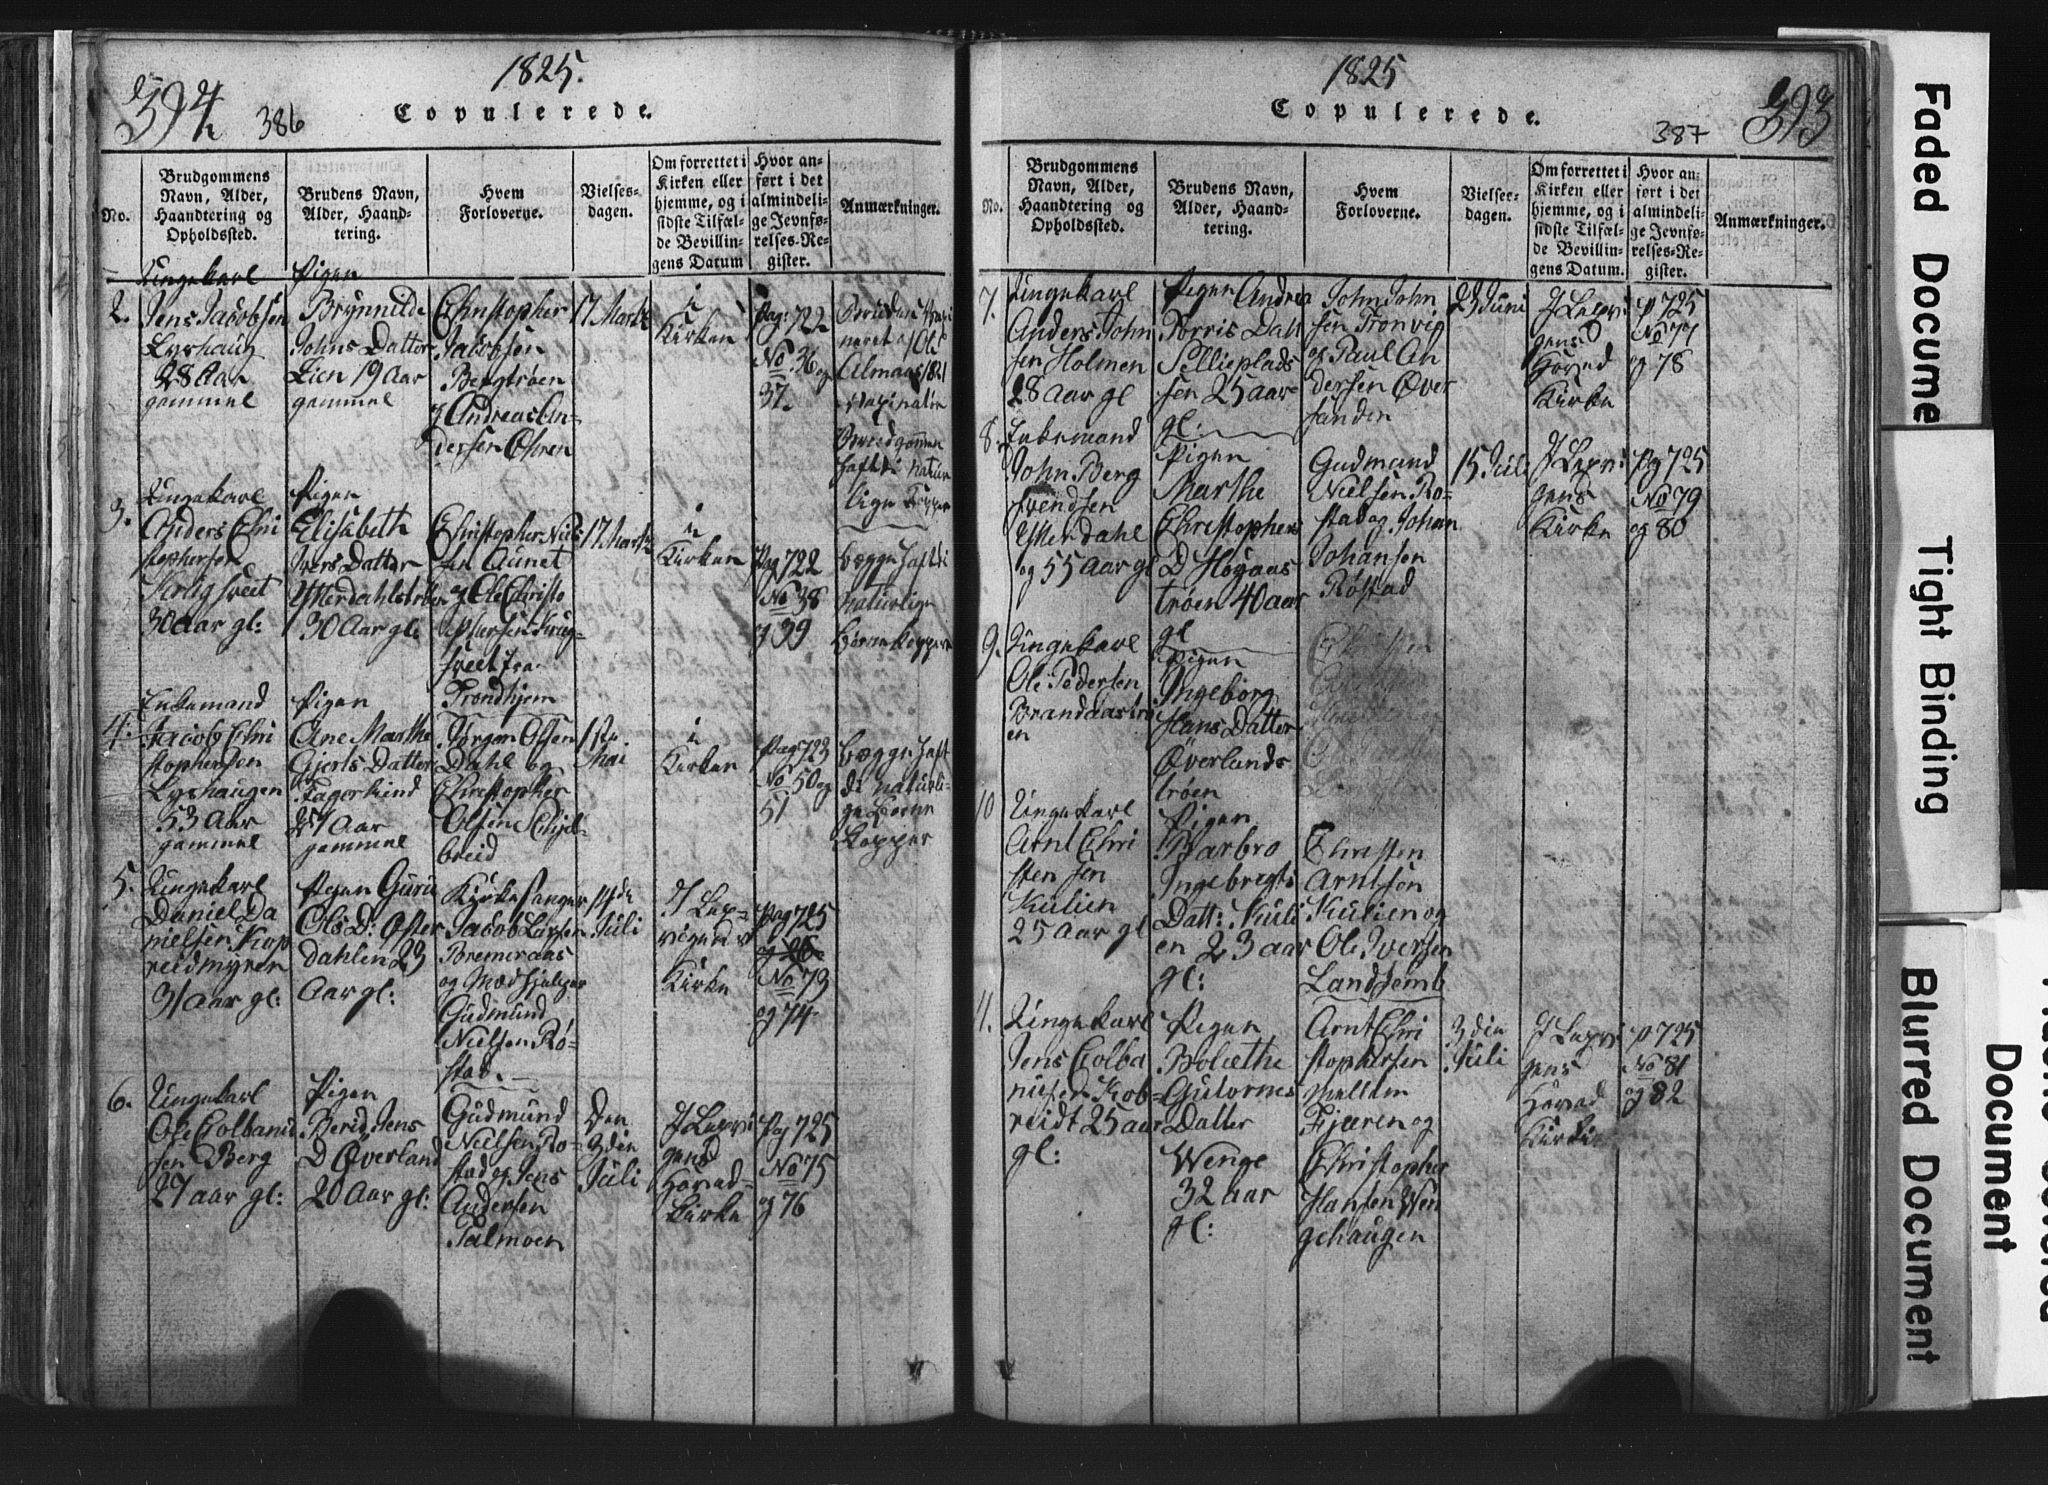 SAT, Ministerialprotokoller, klokkerbøker og fødselsregistre - Nord-Trøndelag, 701/L0017: Klokkerbok nr. 701C01, 1817-1825, s. 386-387